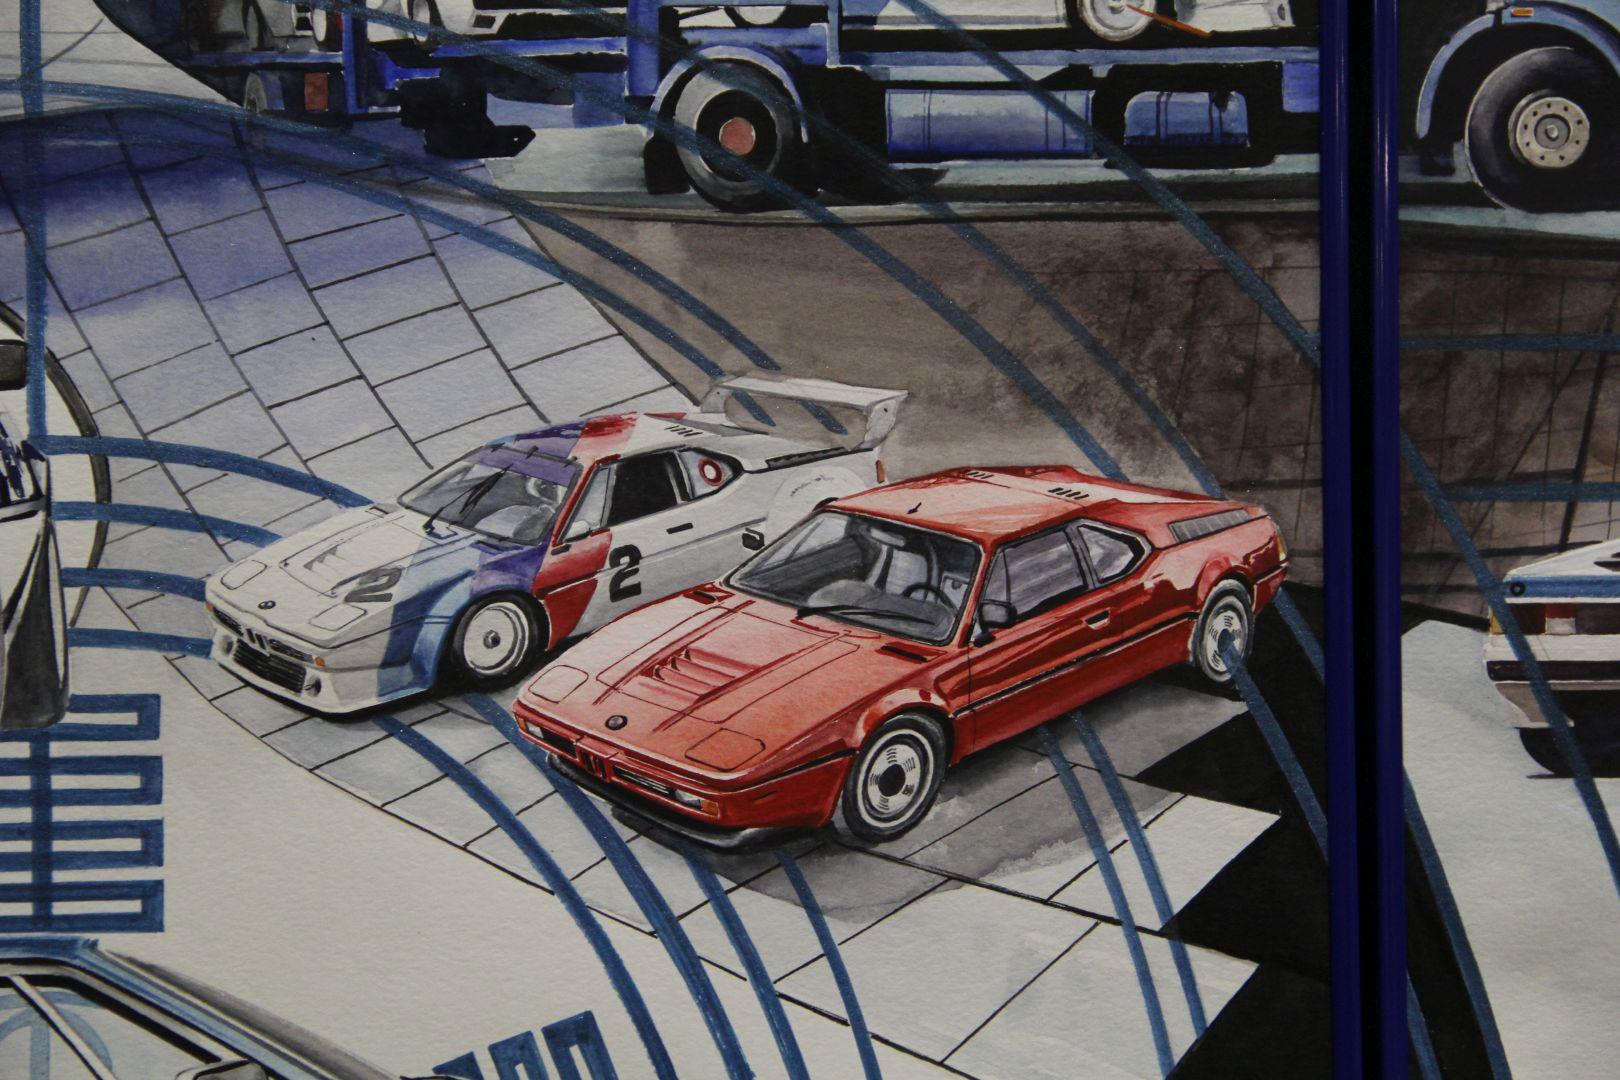 BMW Blue One Art Installation 12